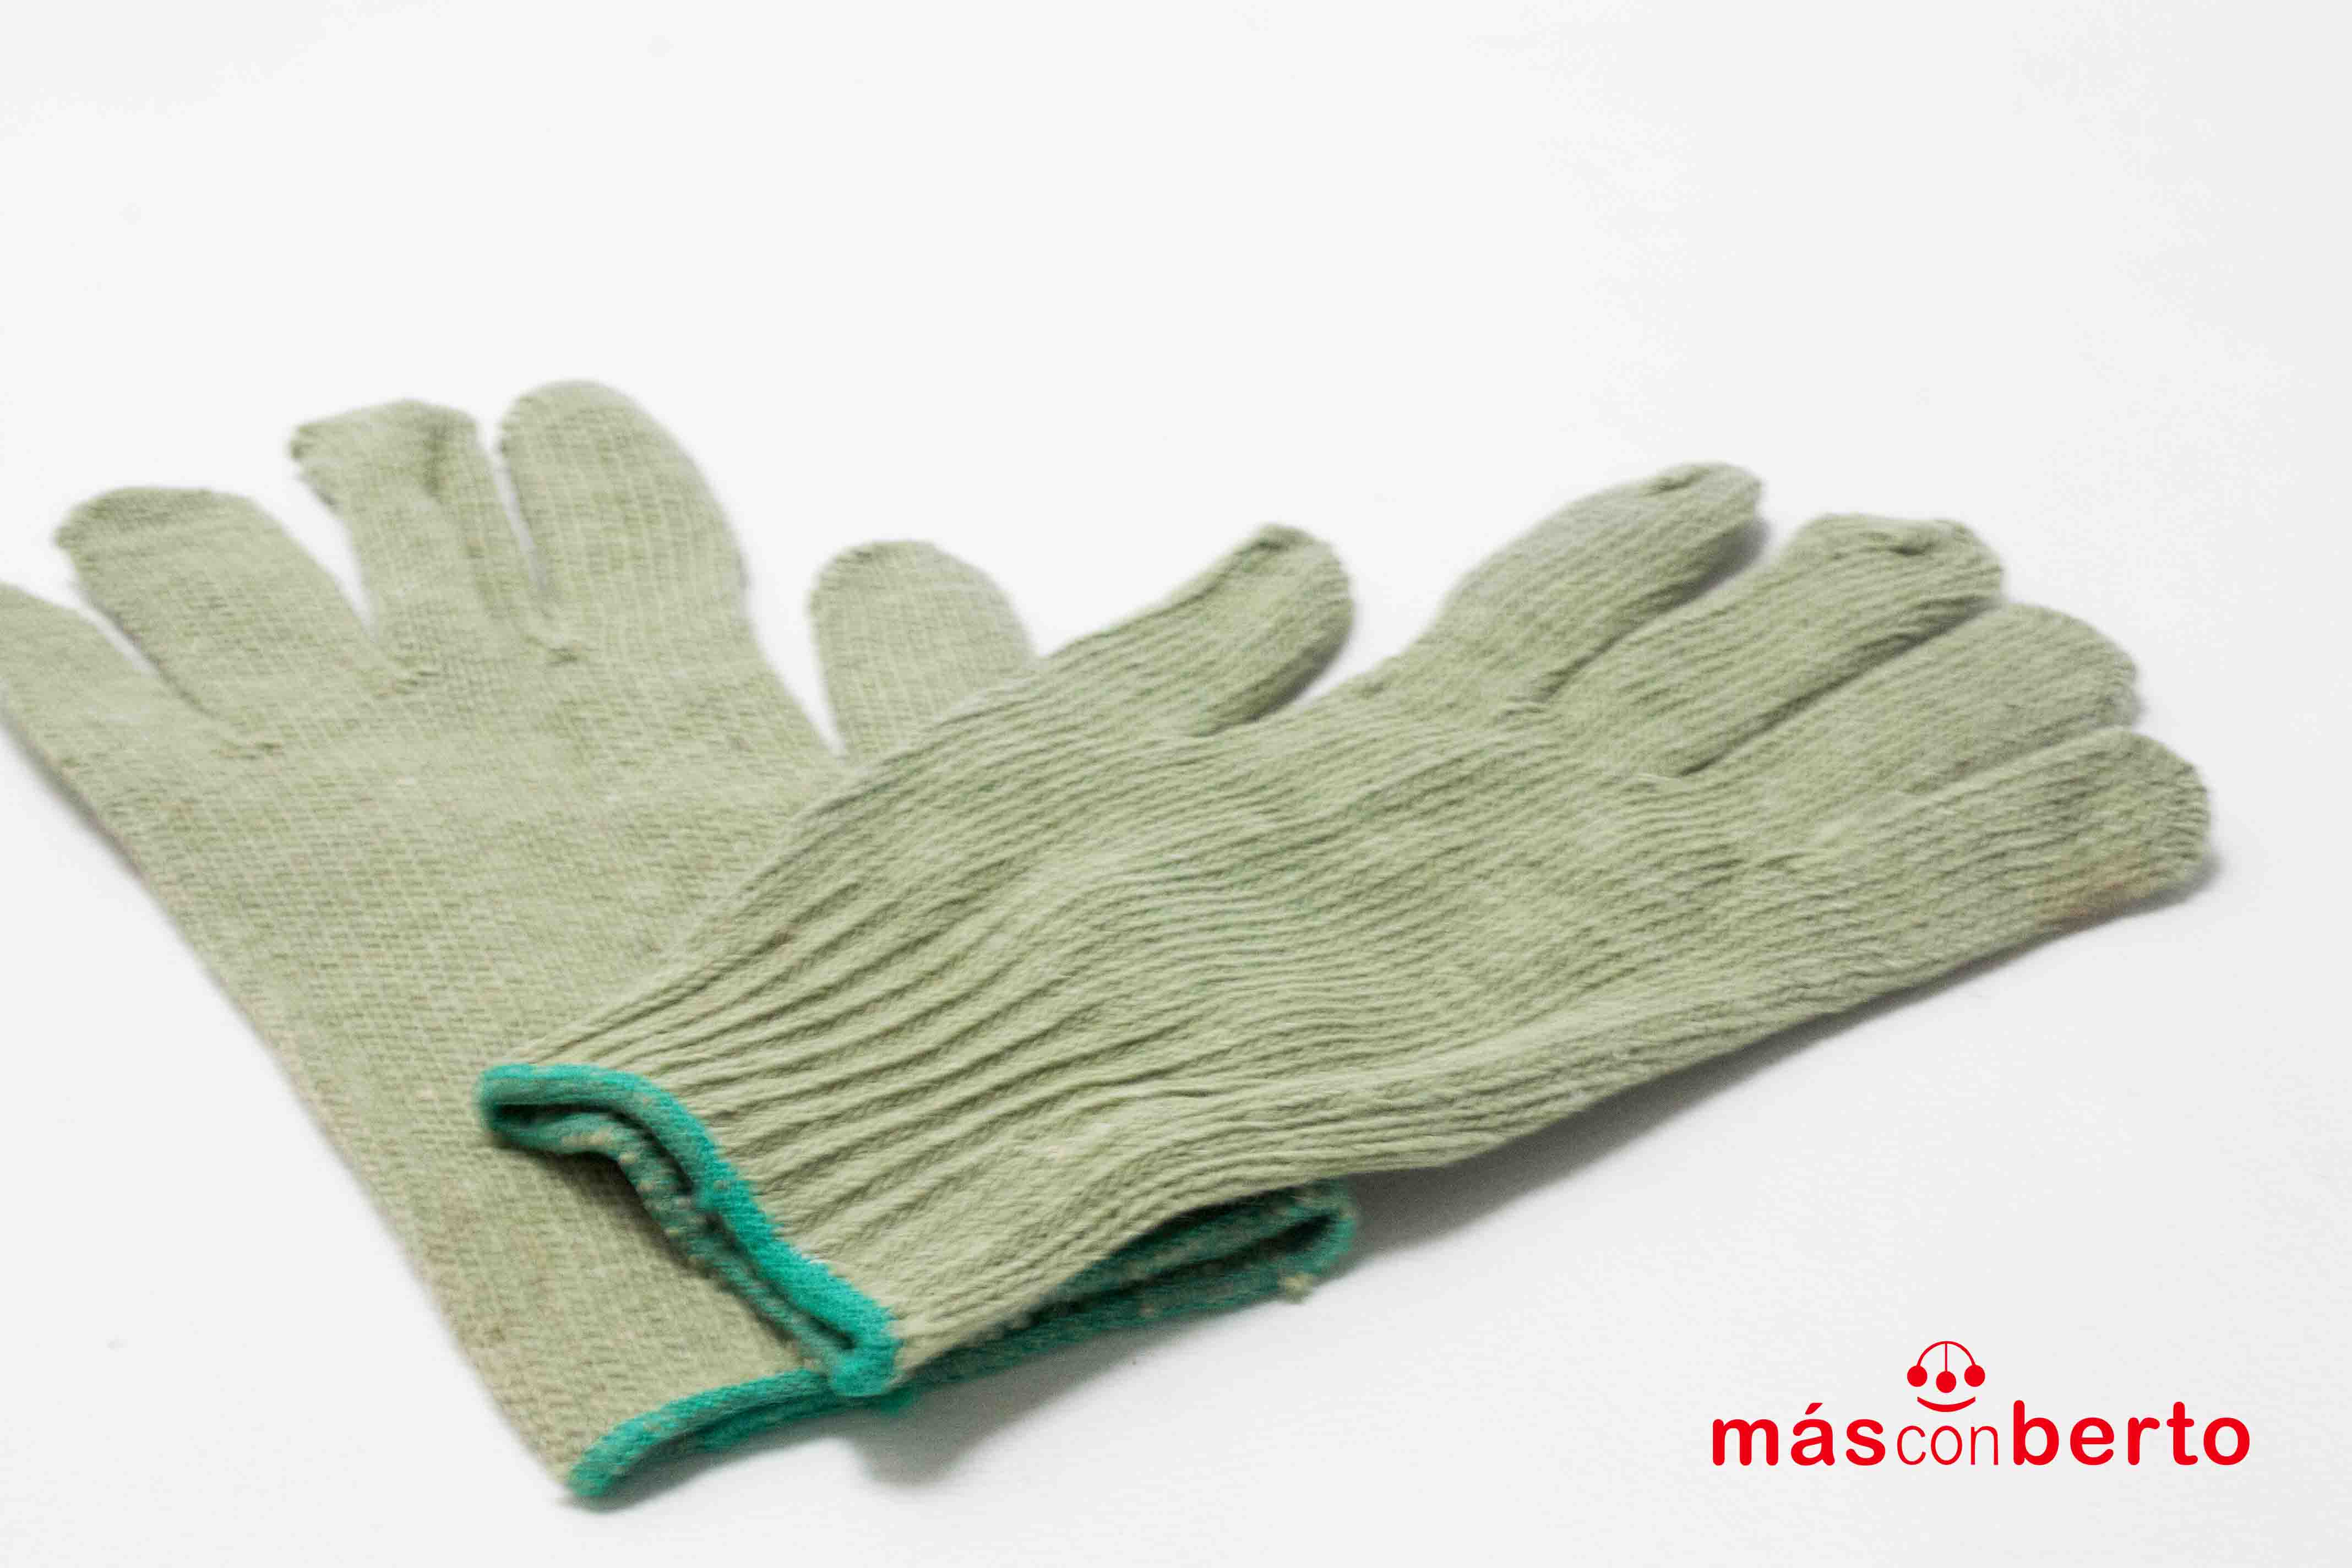 Guantes lana verdes